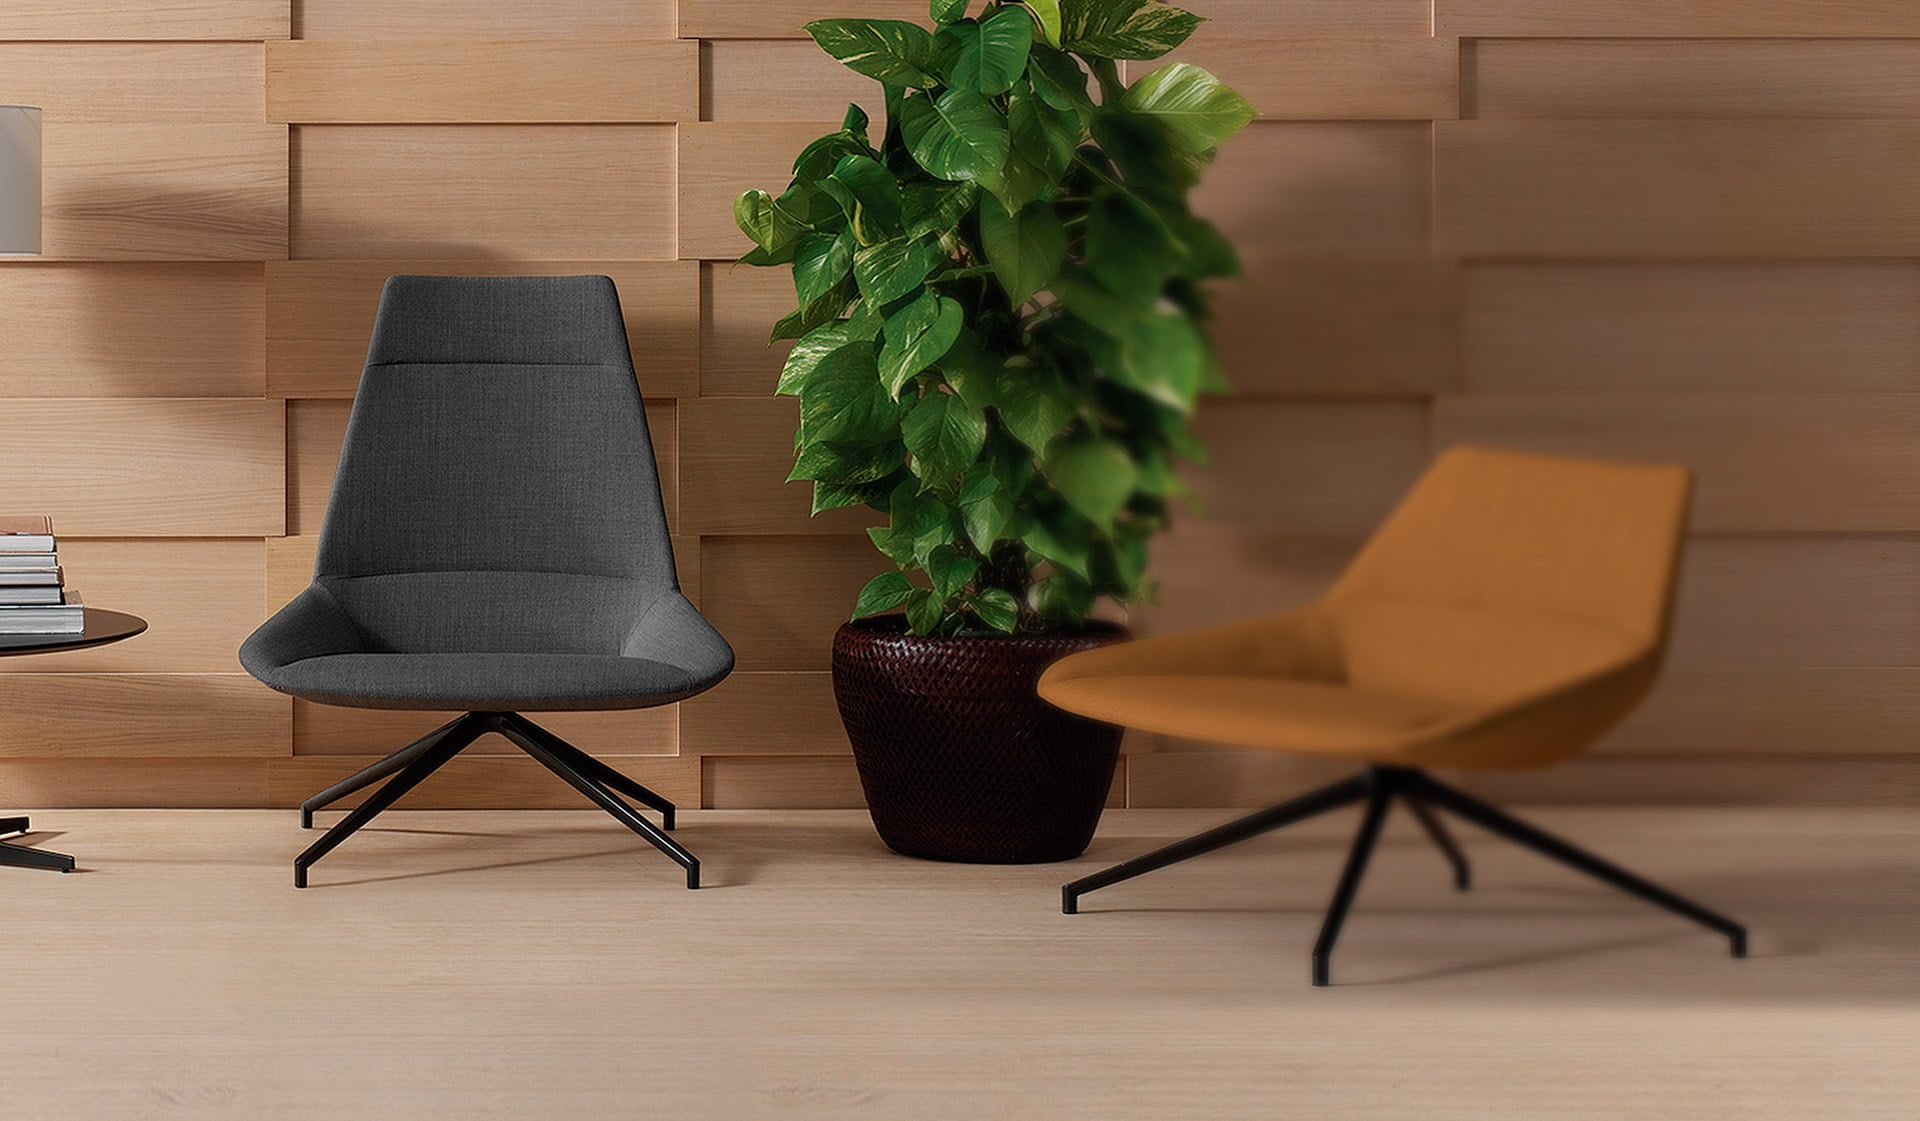 sillones en sala de espera